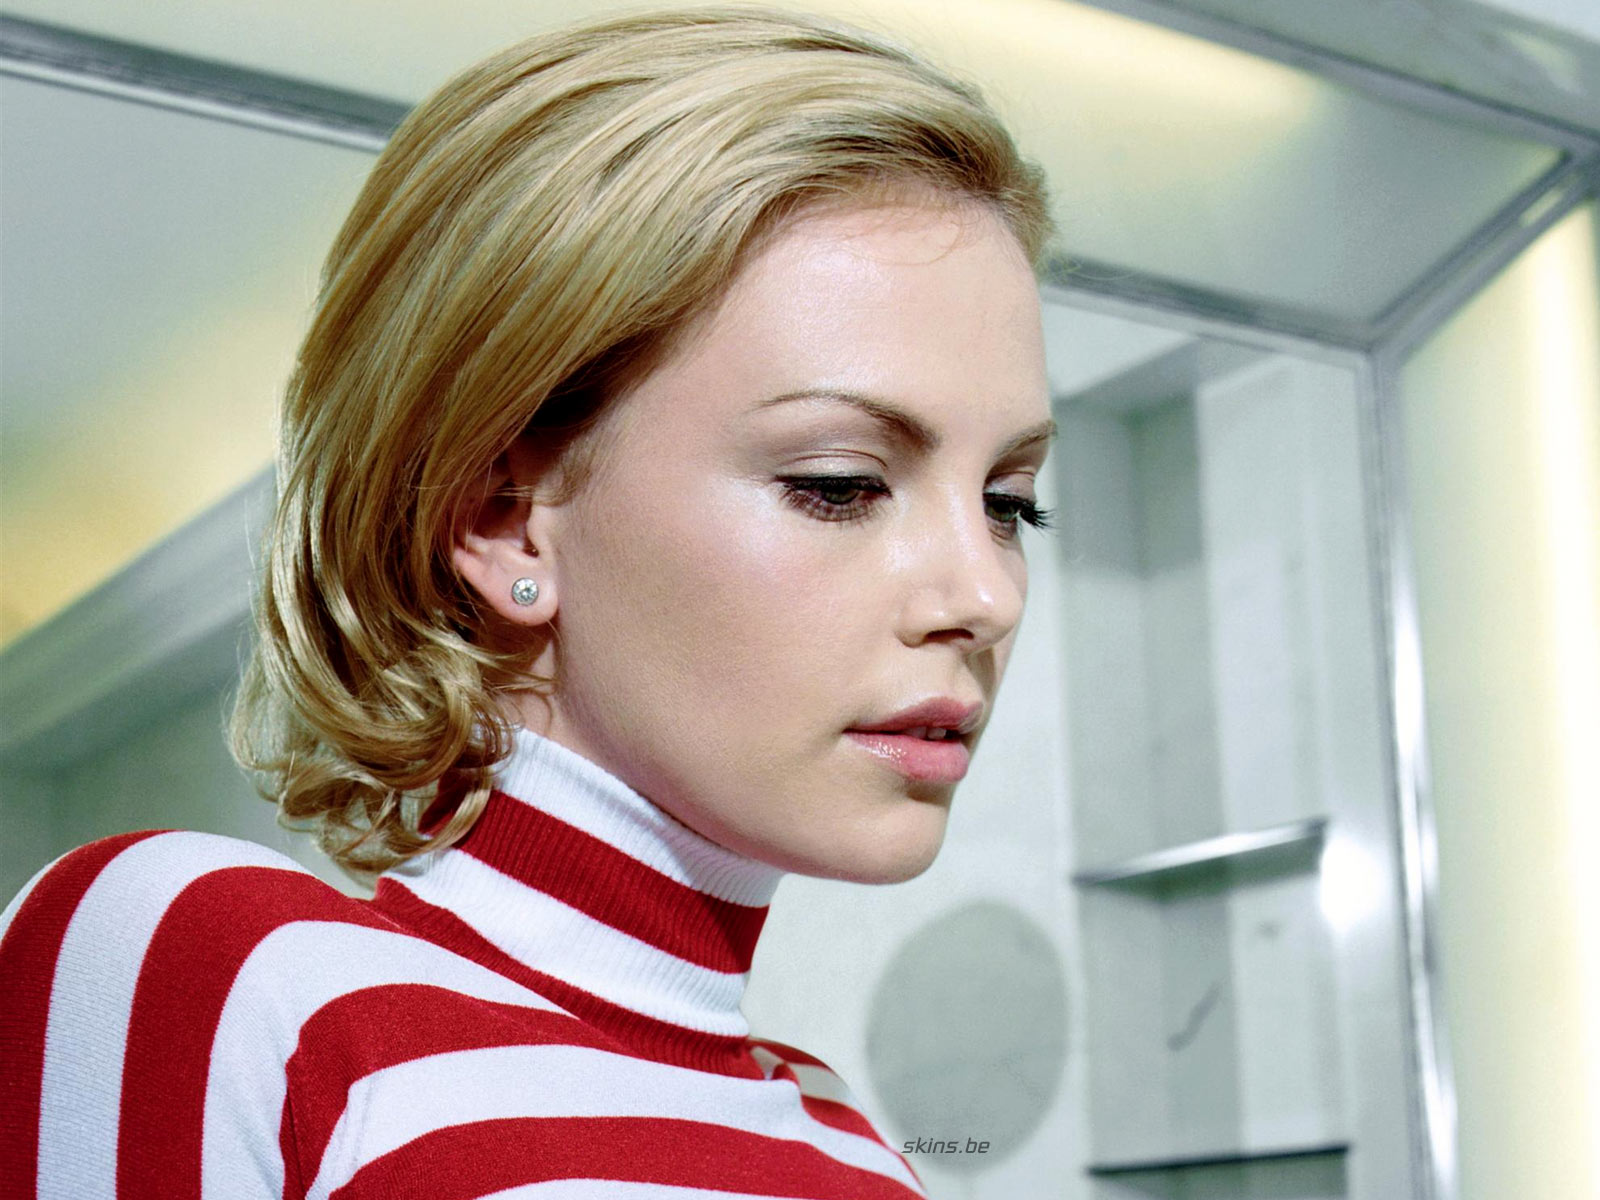 http://1.bp.blogspot.com/_GCAuqodmOE4/TS_ZCUj9uWI/AAAAAAAAG-k/h70BNUct_Yc/s1600/Charlize+Theron+In+Sexy+Strip+Shirt+Photos+%25286%2529.jpg